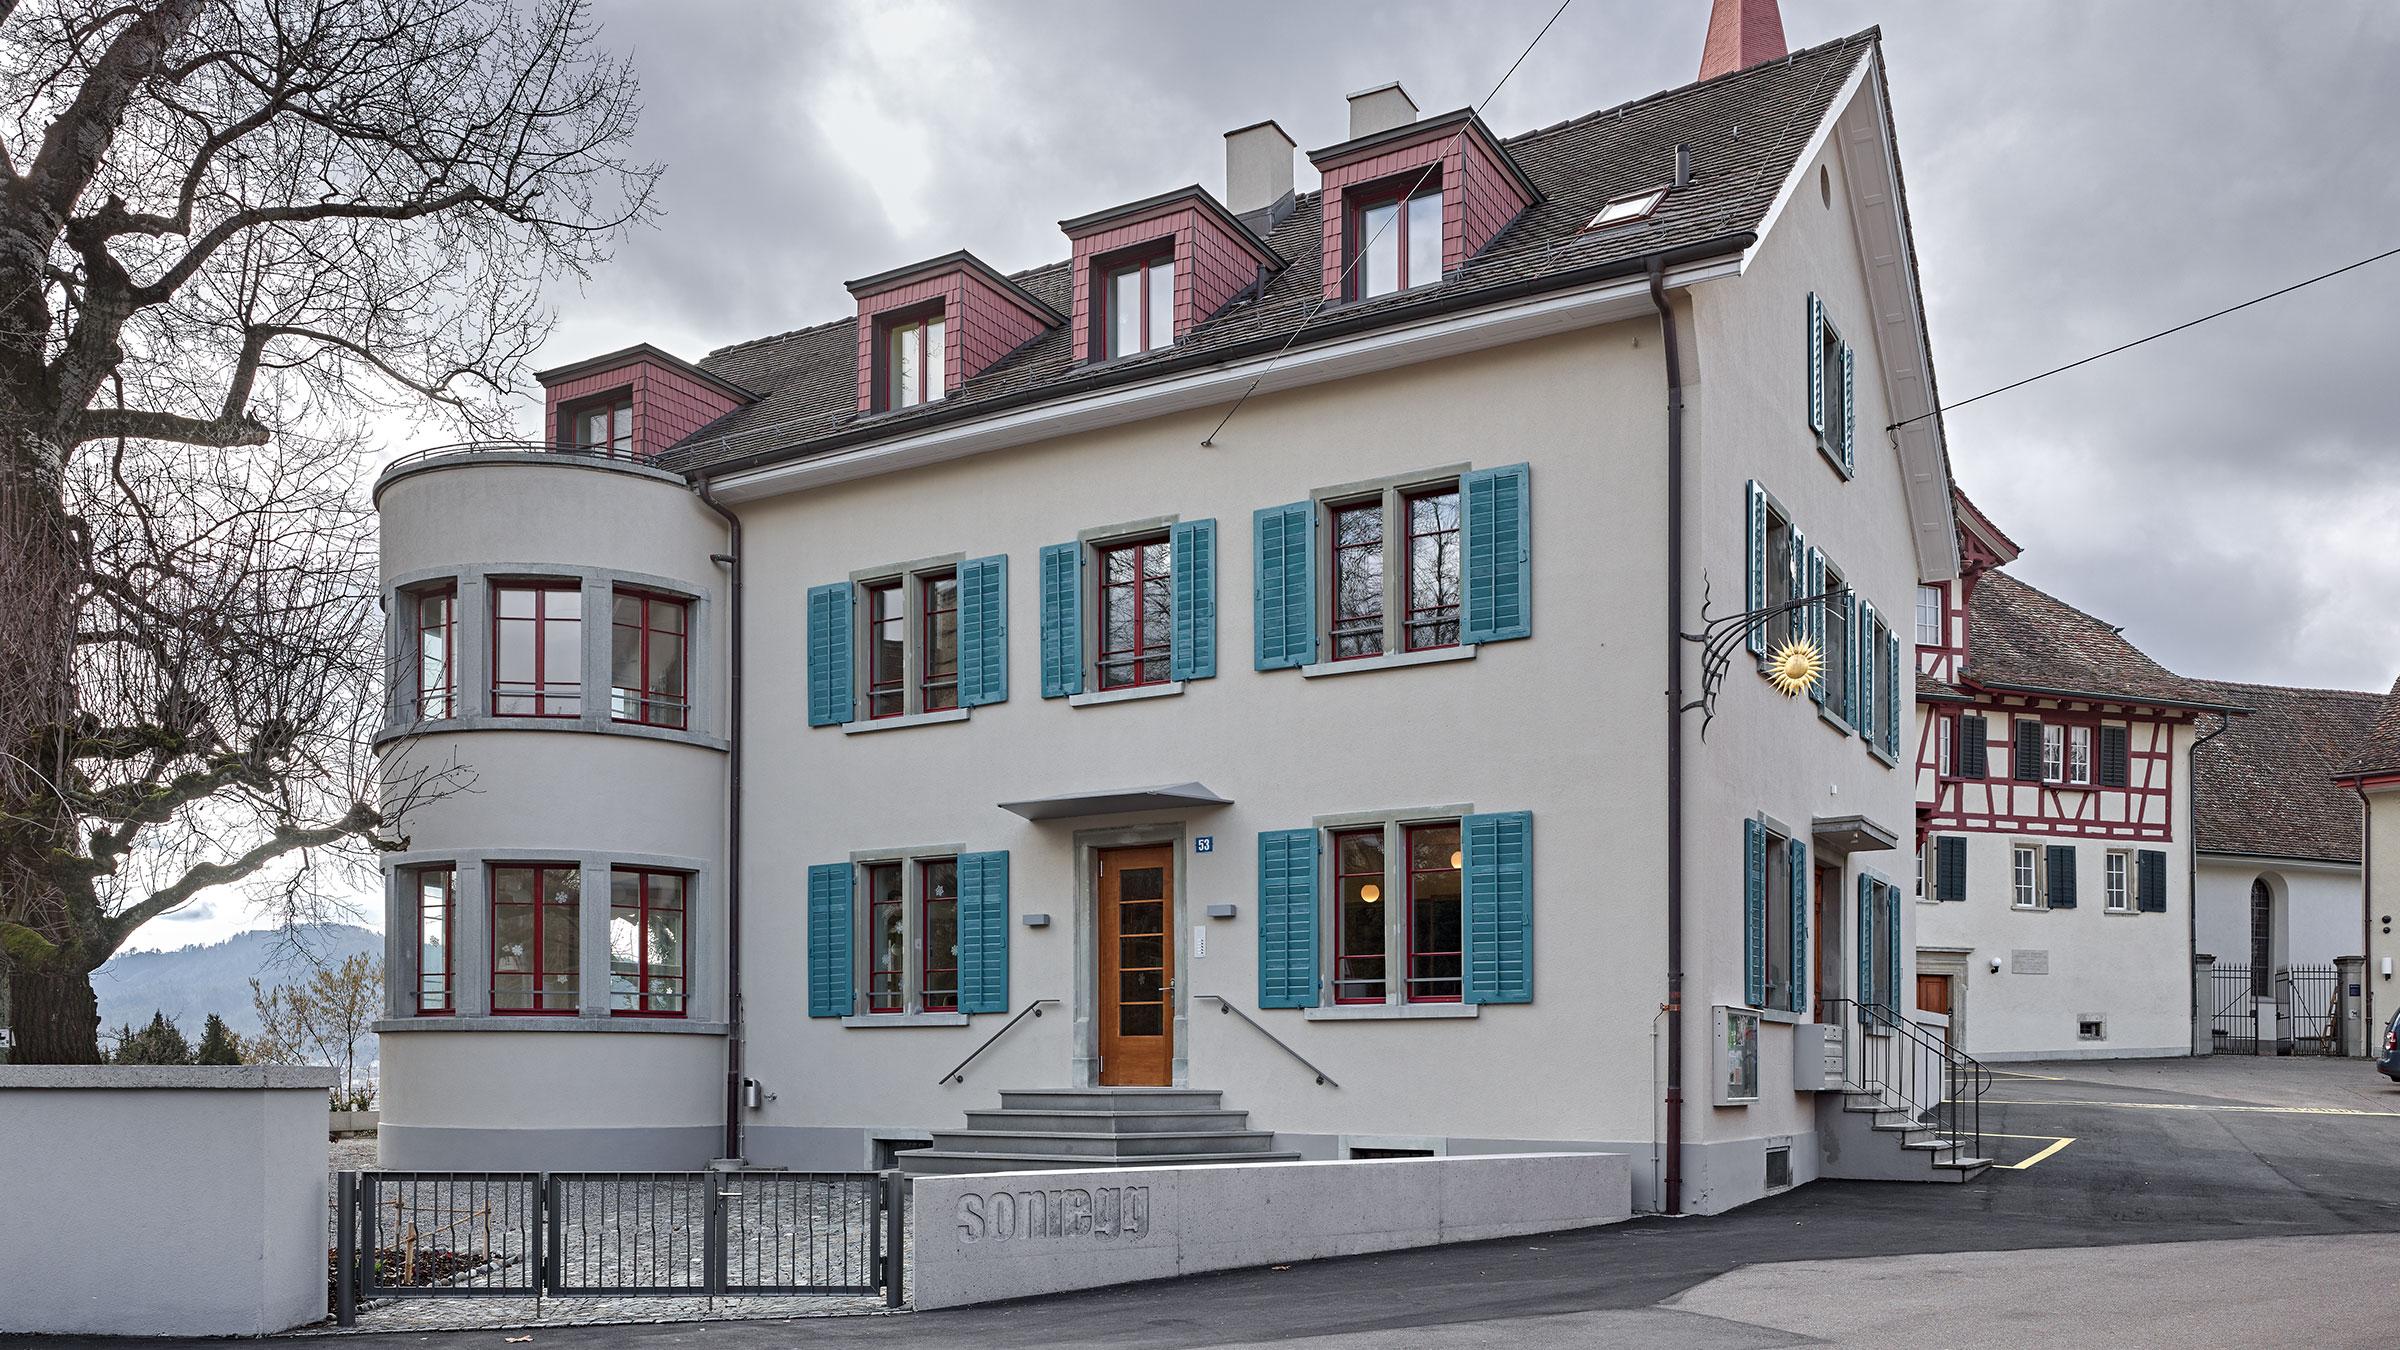 Sonnegg Zürich-Höngg